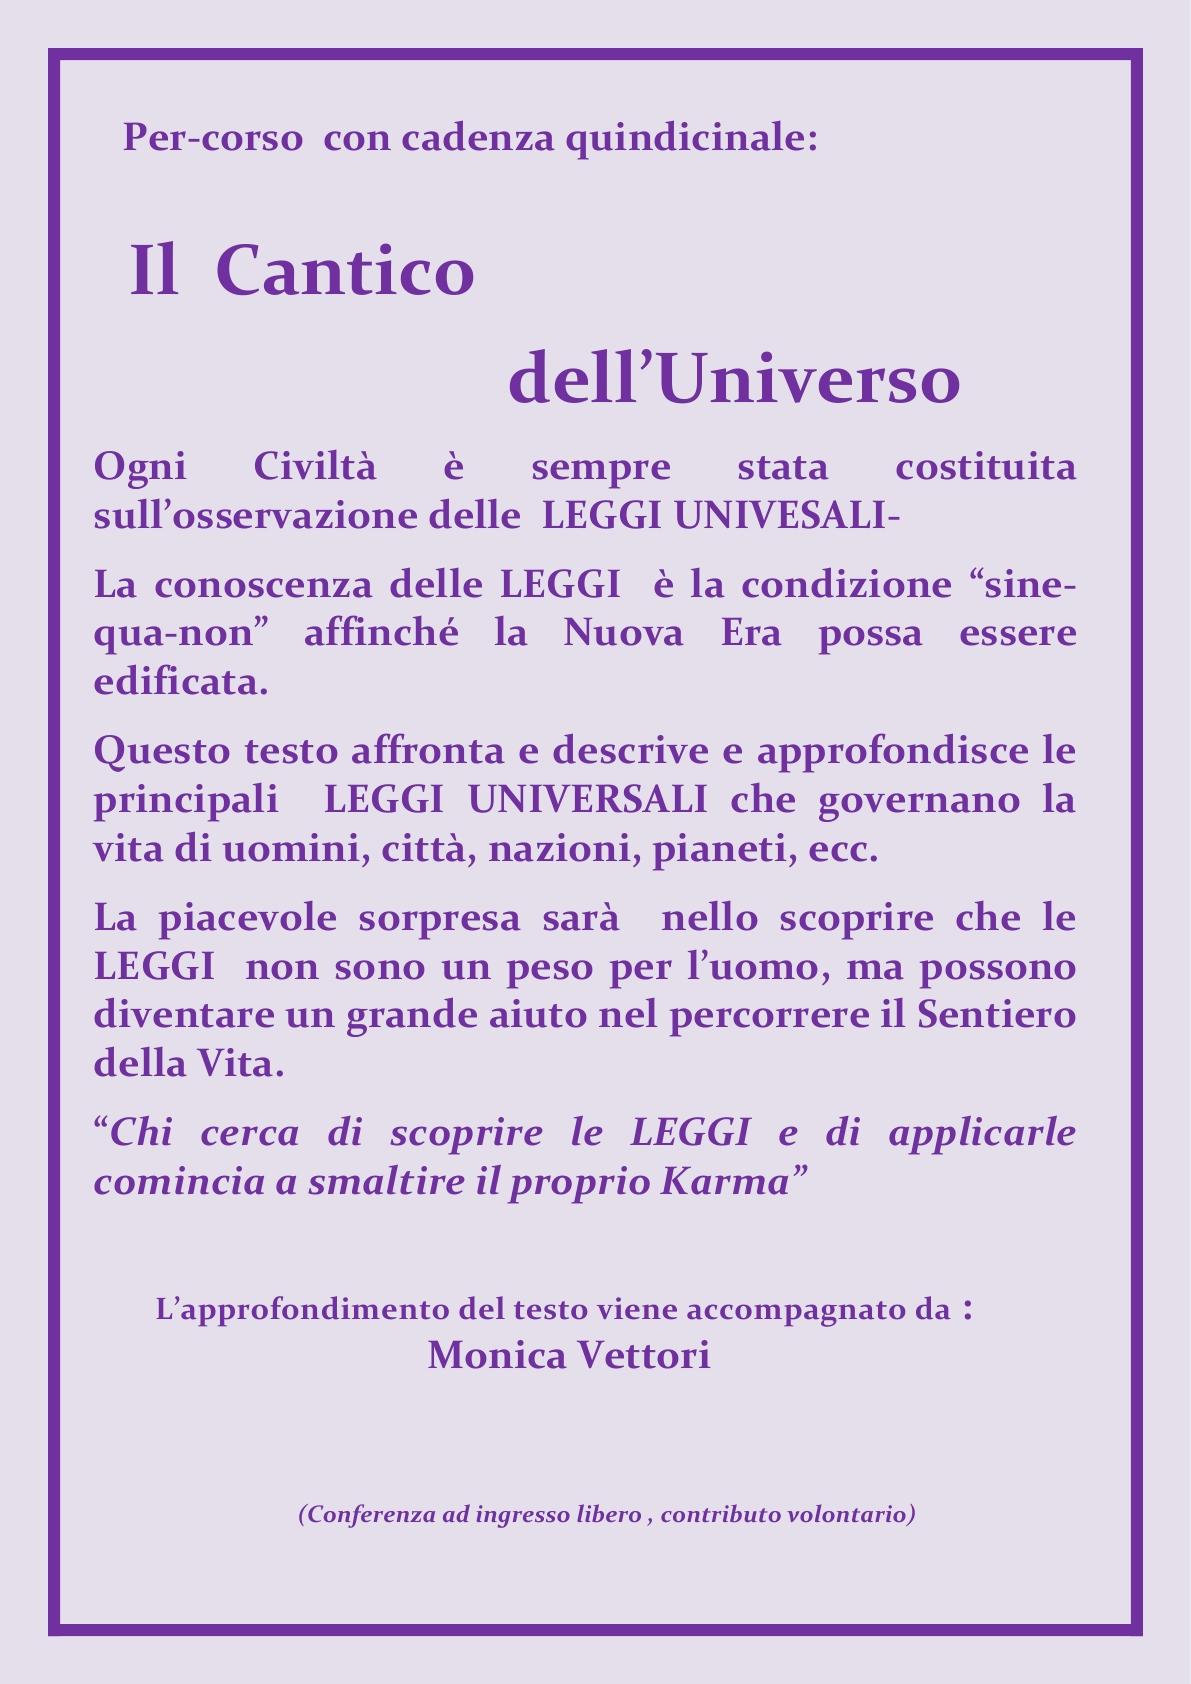 ALI  sitoweb_ Gruppi di Studio    Il Cantico Dell'Universo  rev  5sett2015